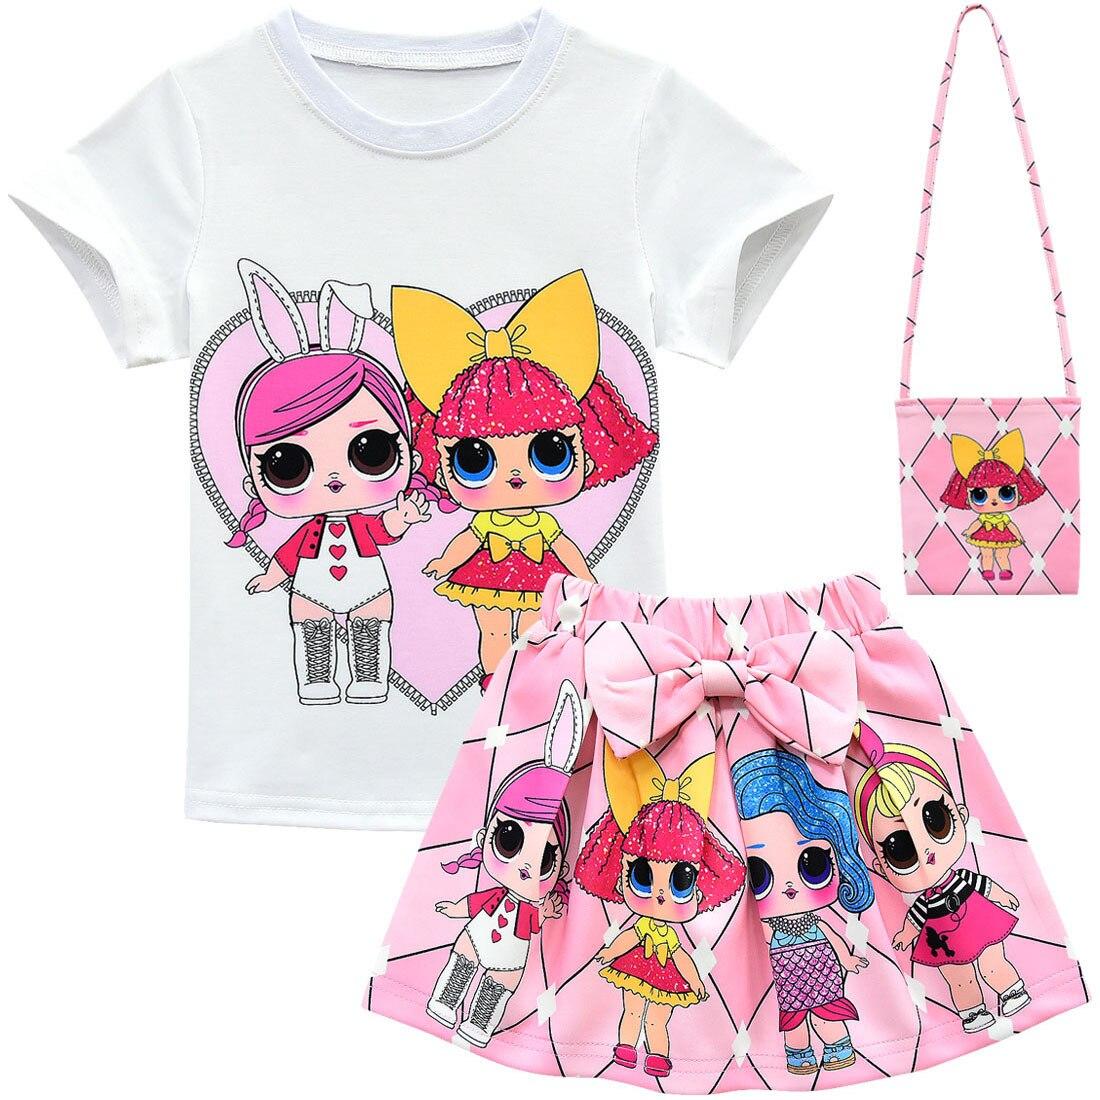 Surprise Doll Girls Cartoon Outfits T-shirt+Skirt+Bag Summer Uniform Costume